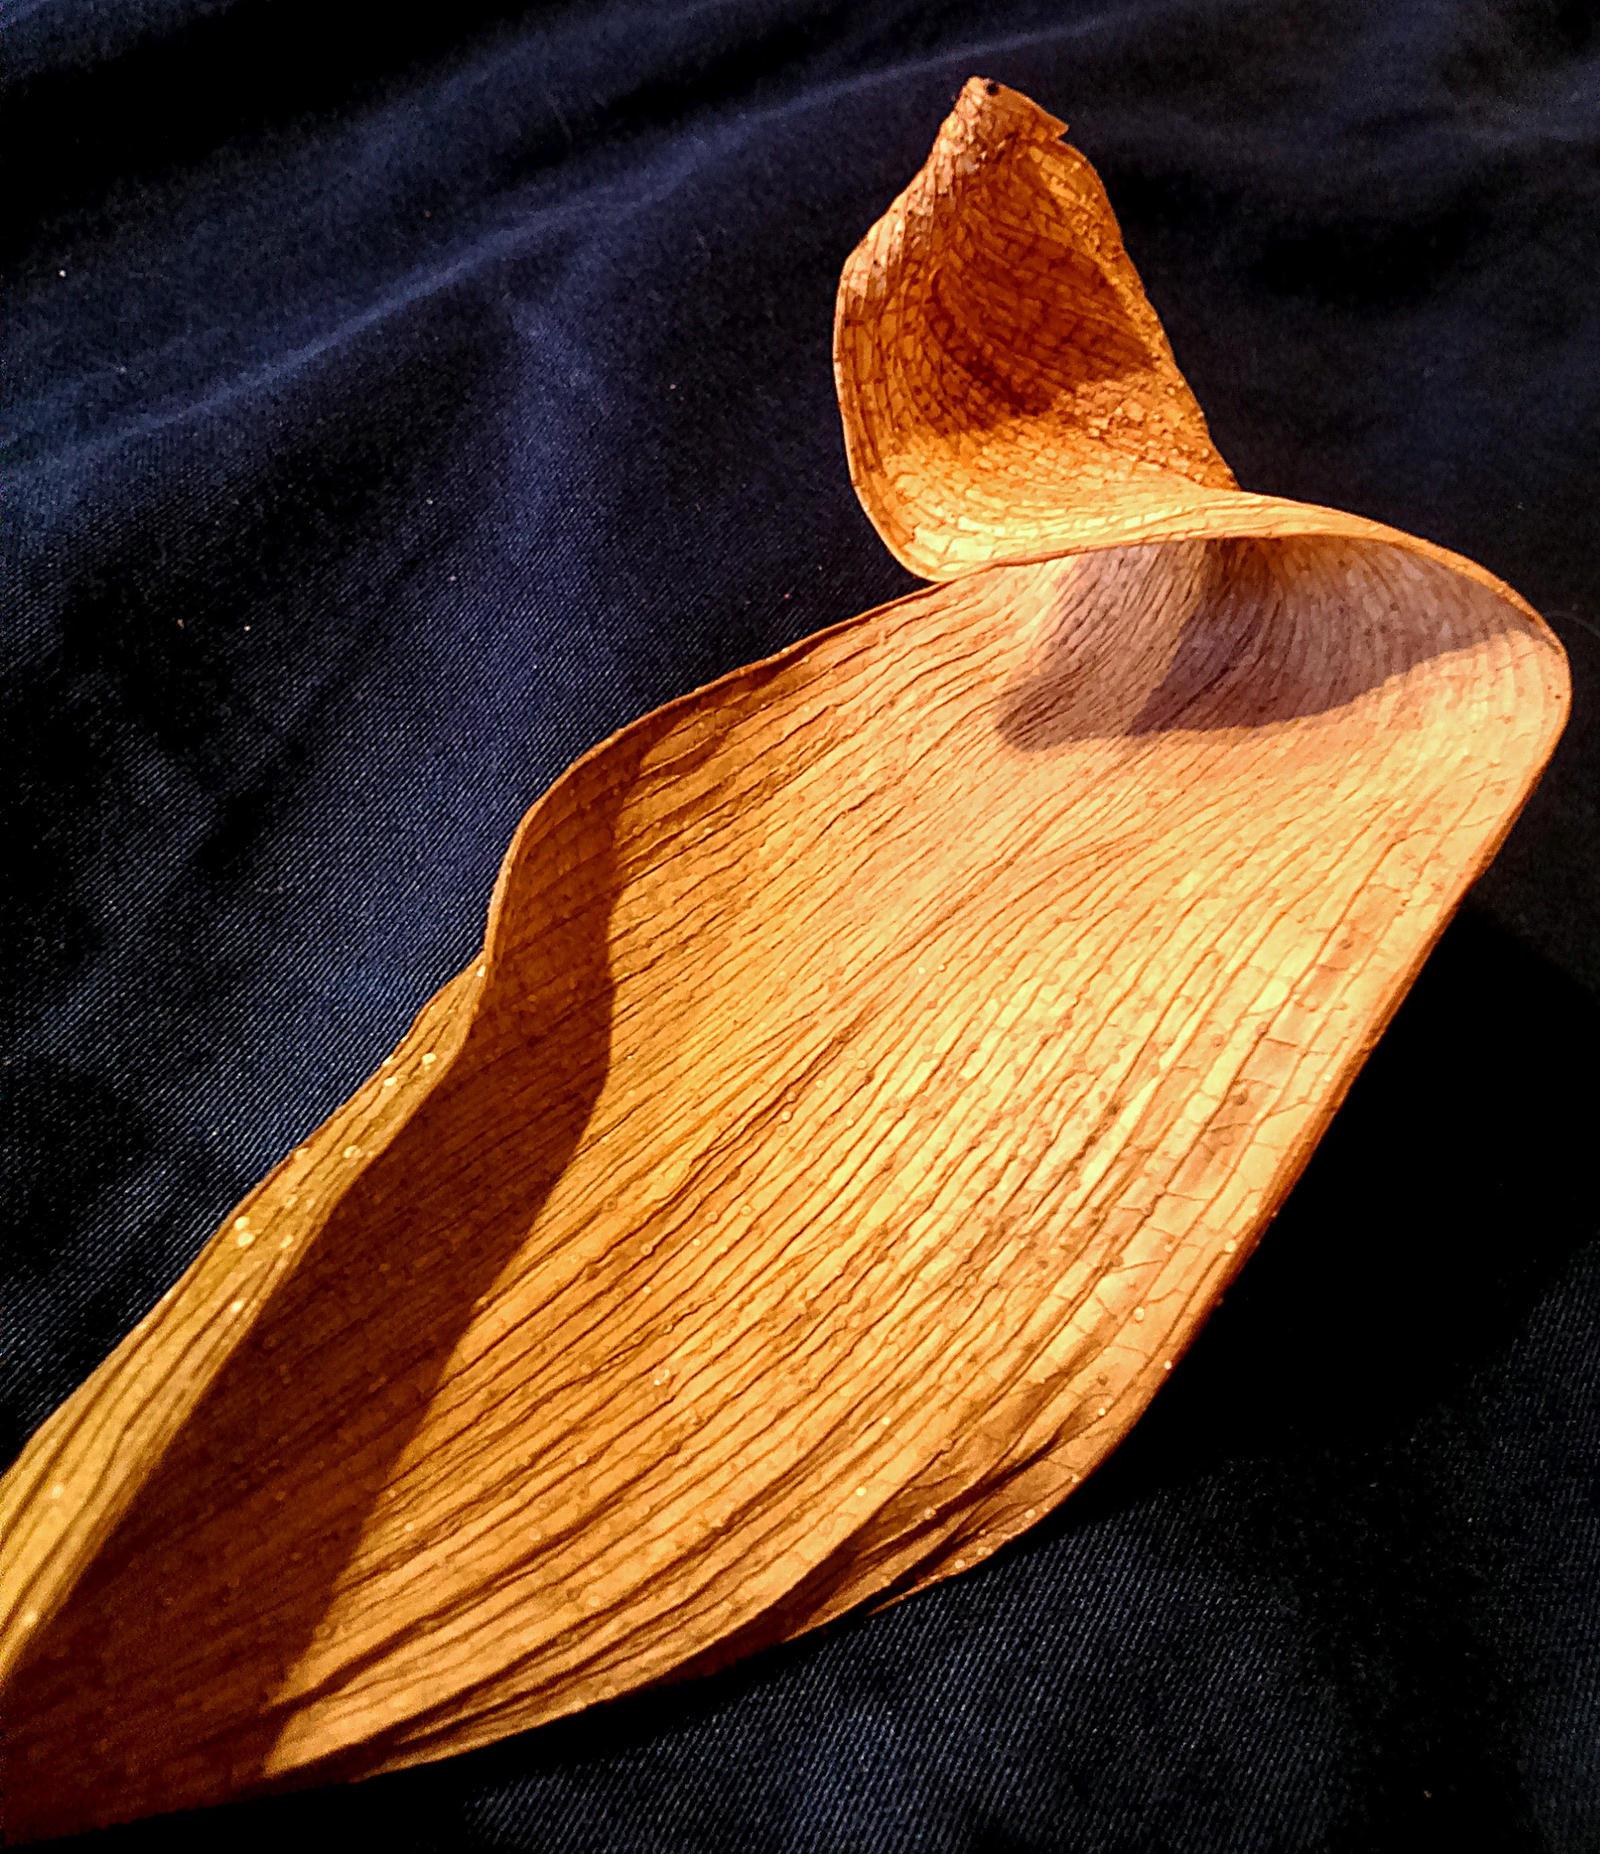 dry leaf by Mittelfranke